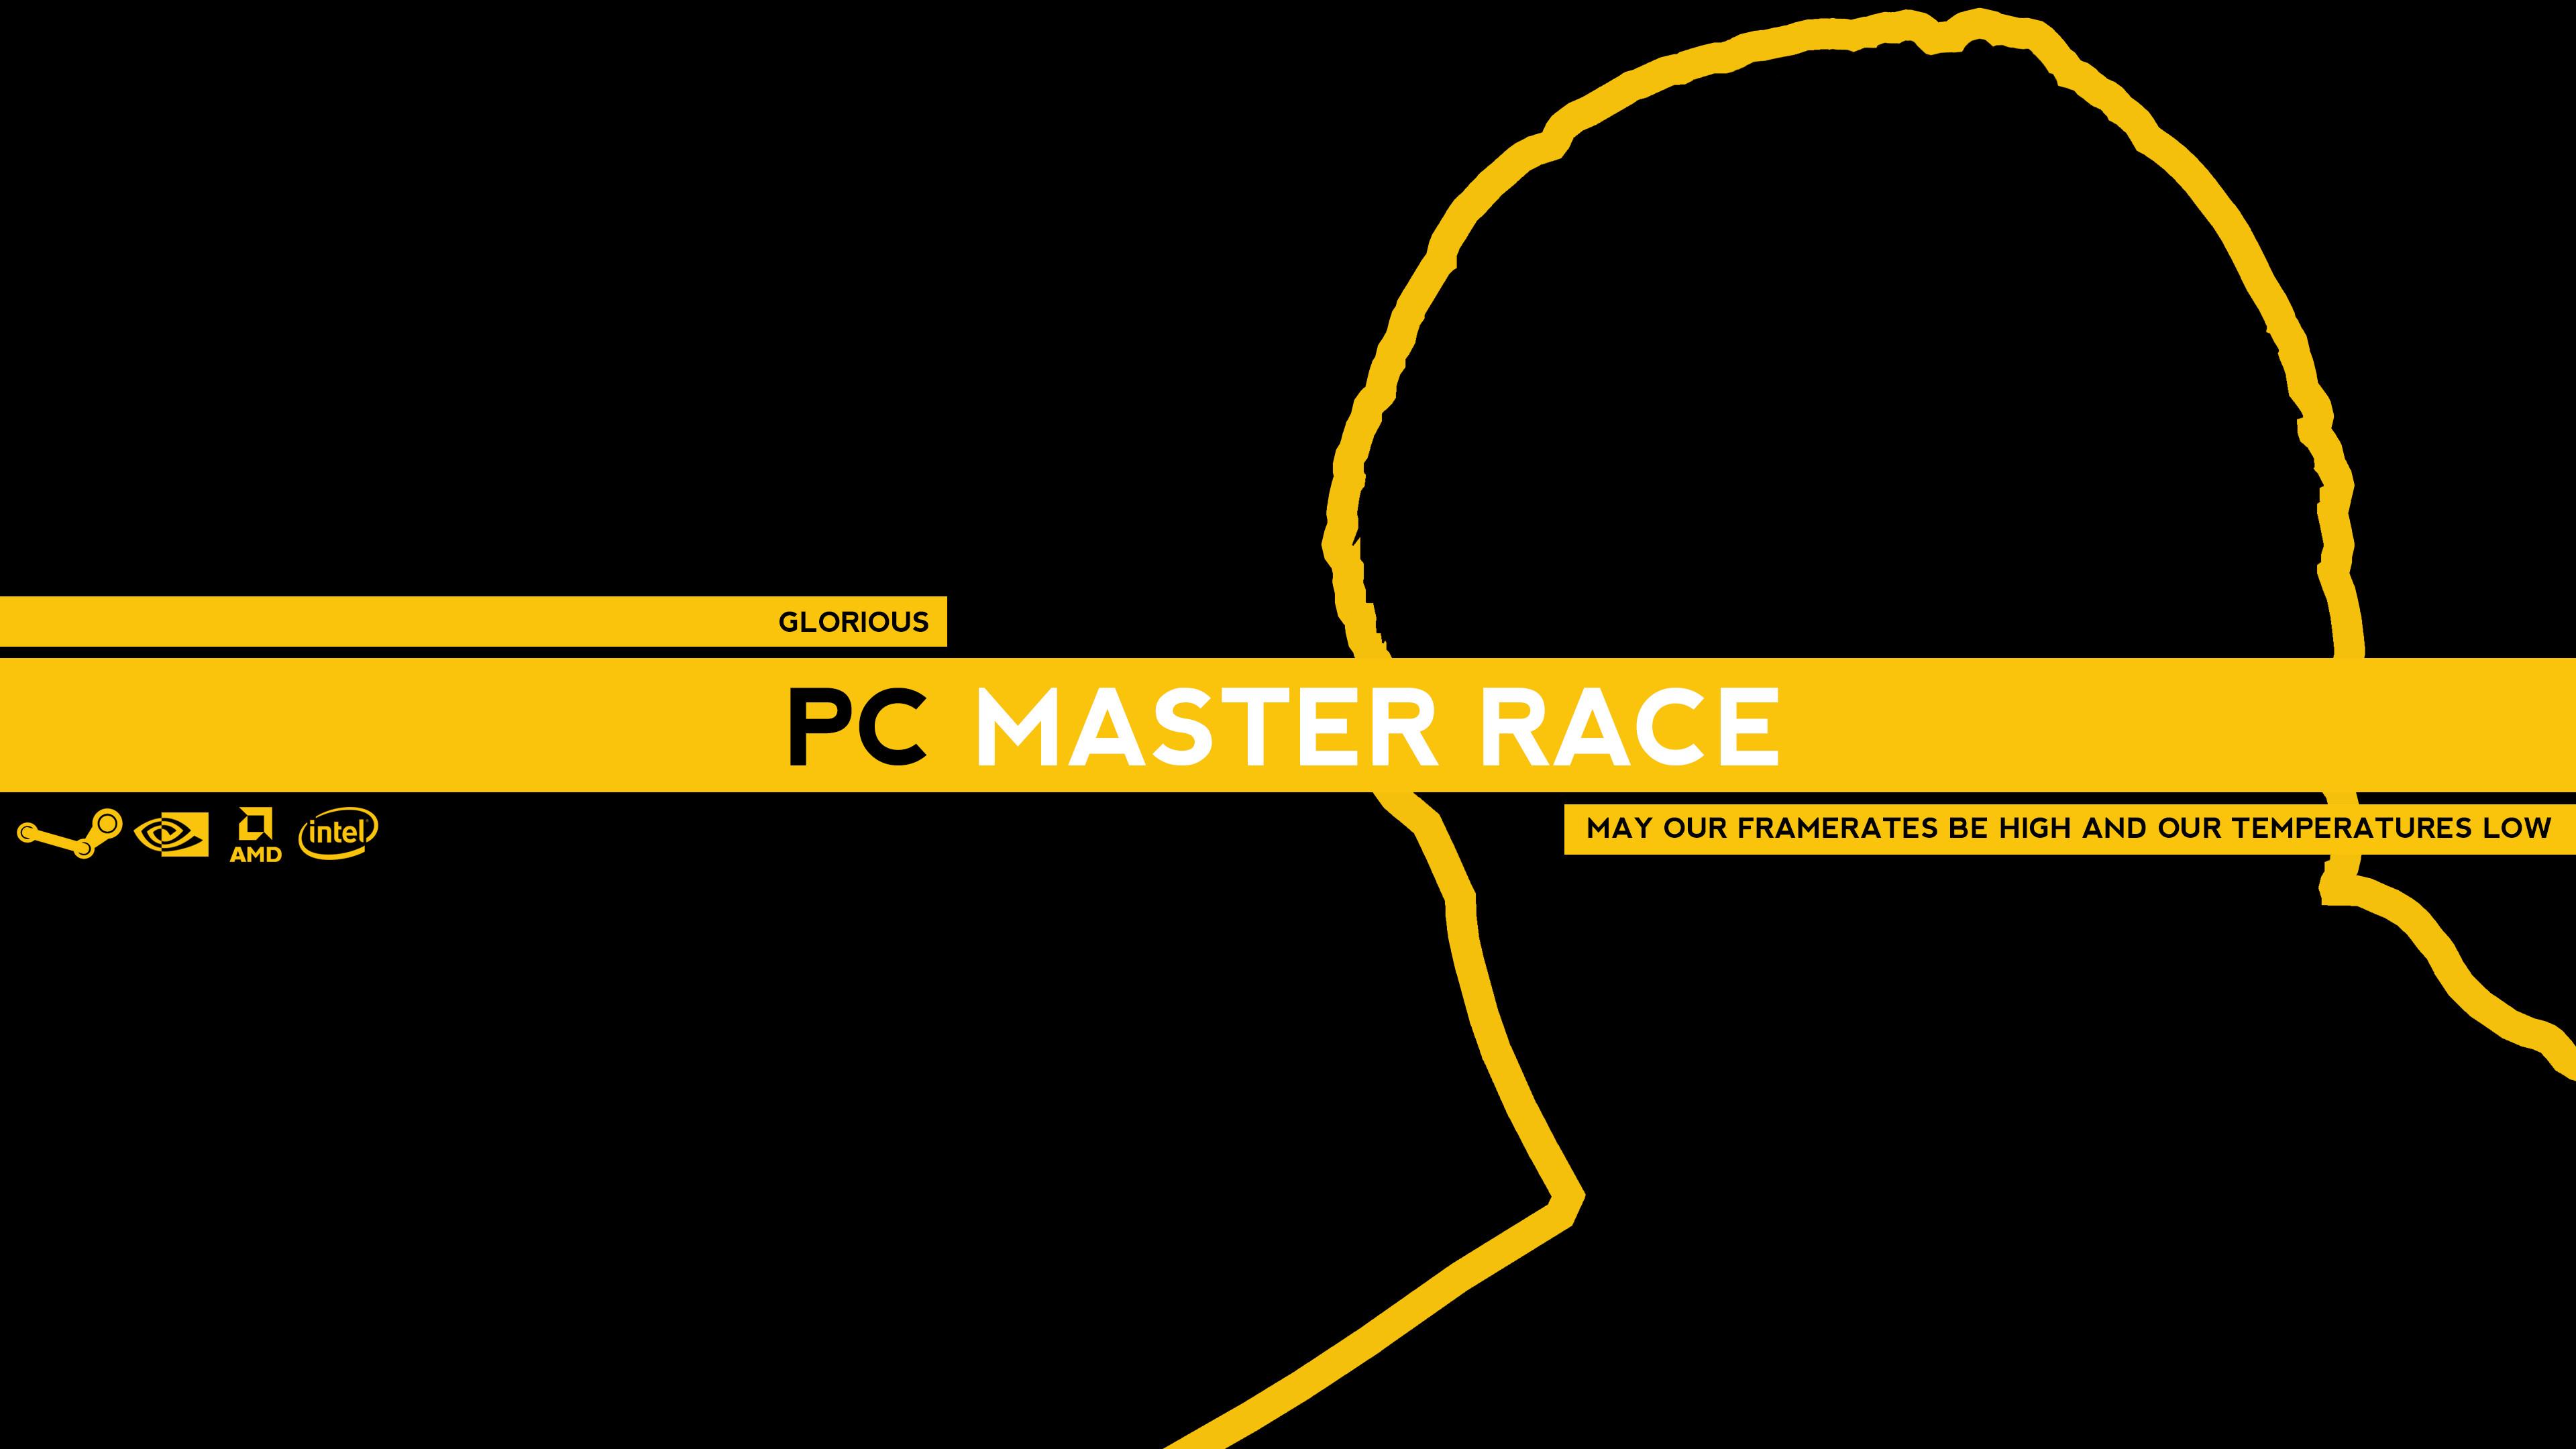 PC Gaming Master Race 4K Wallpaper